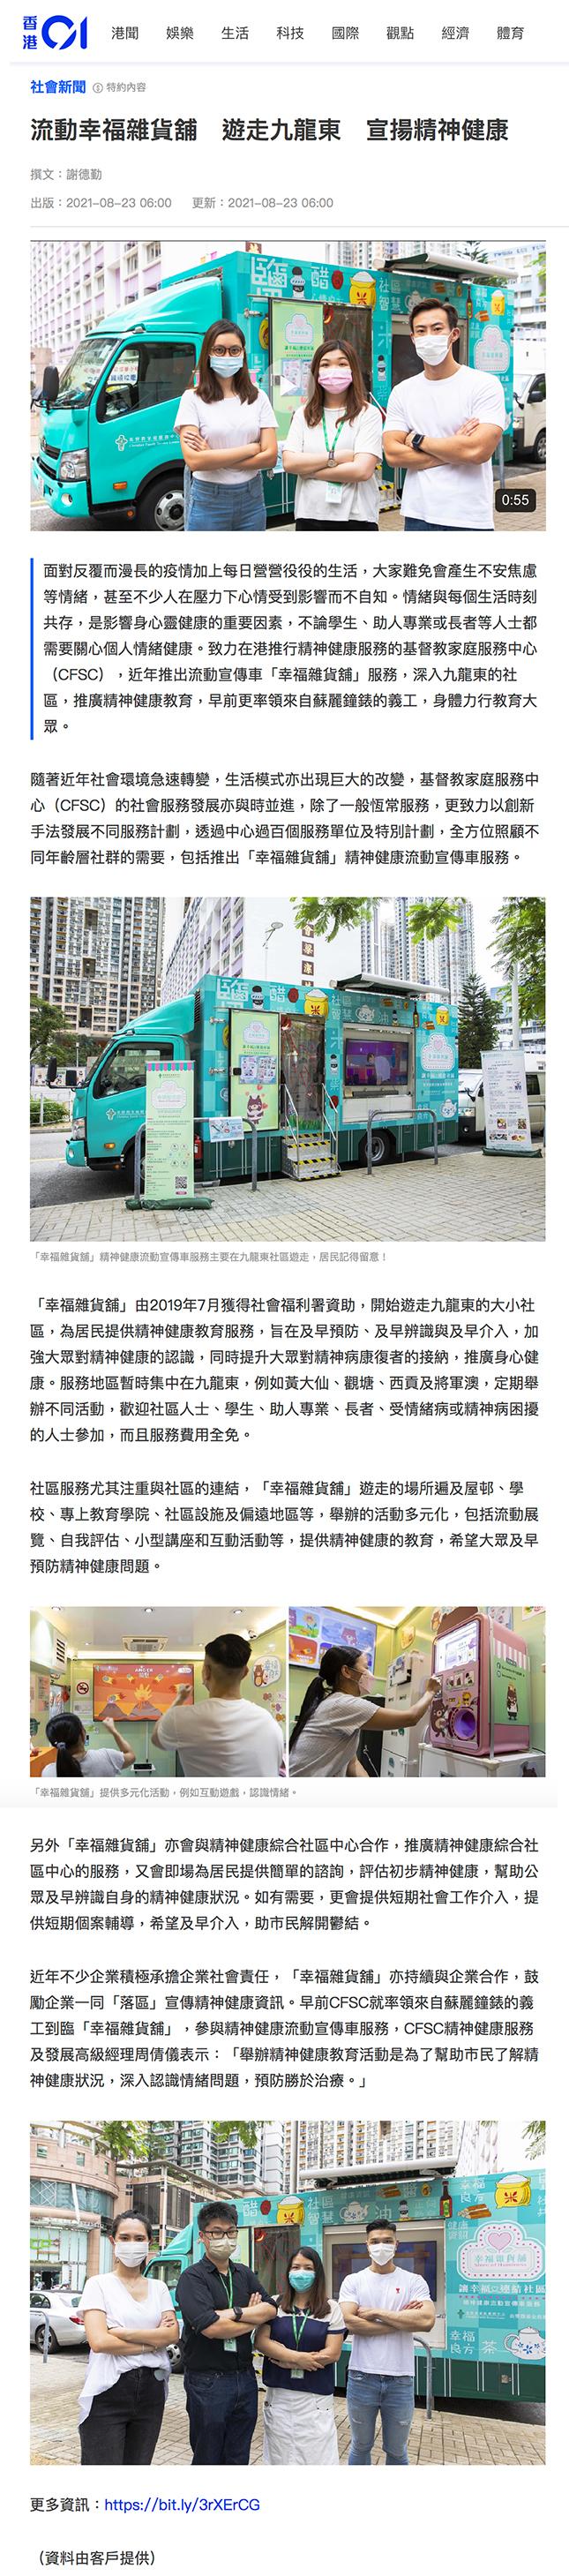 HK01 — 流動幸福雜貨舖 遊走九龍東 宣揚精神健康